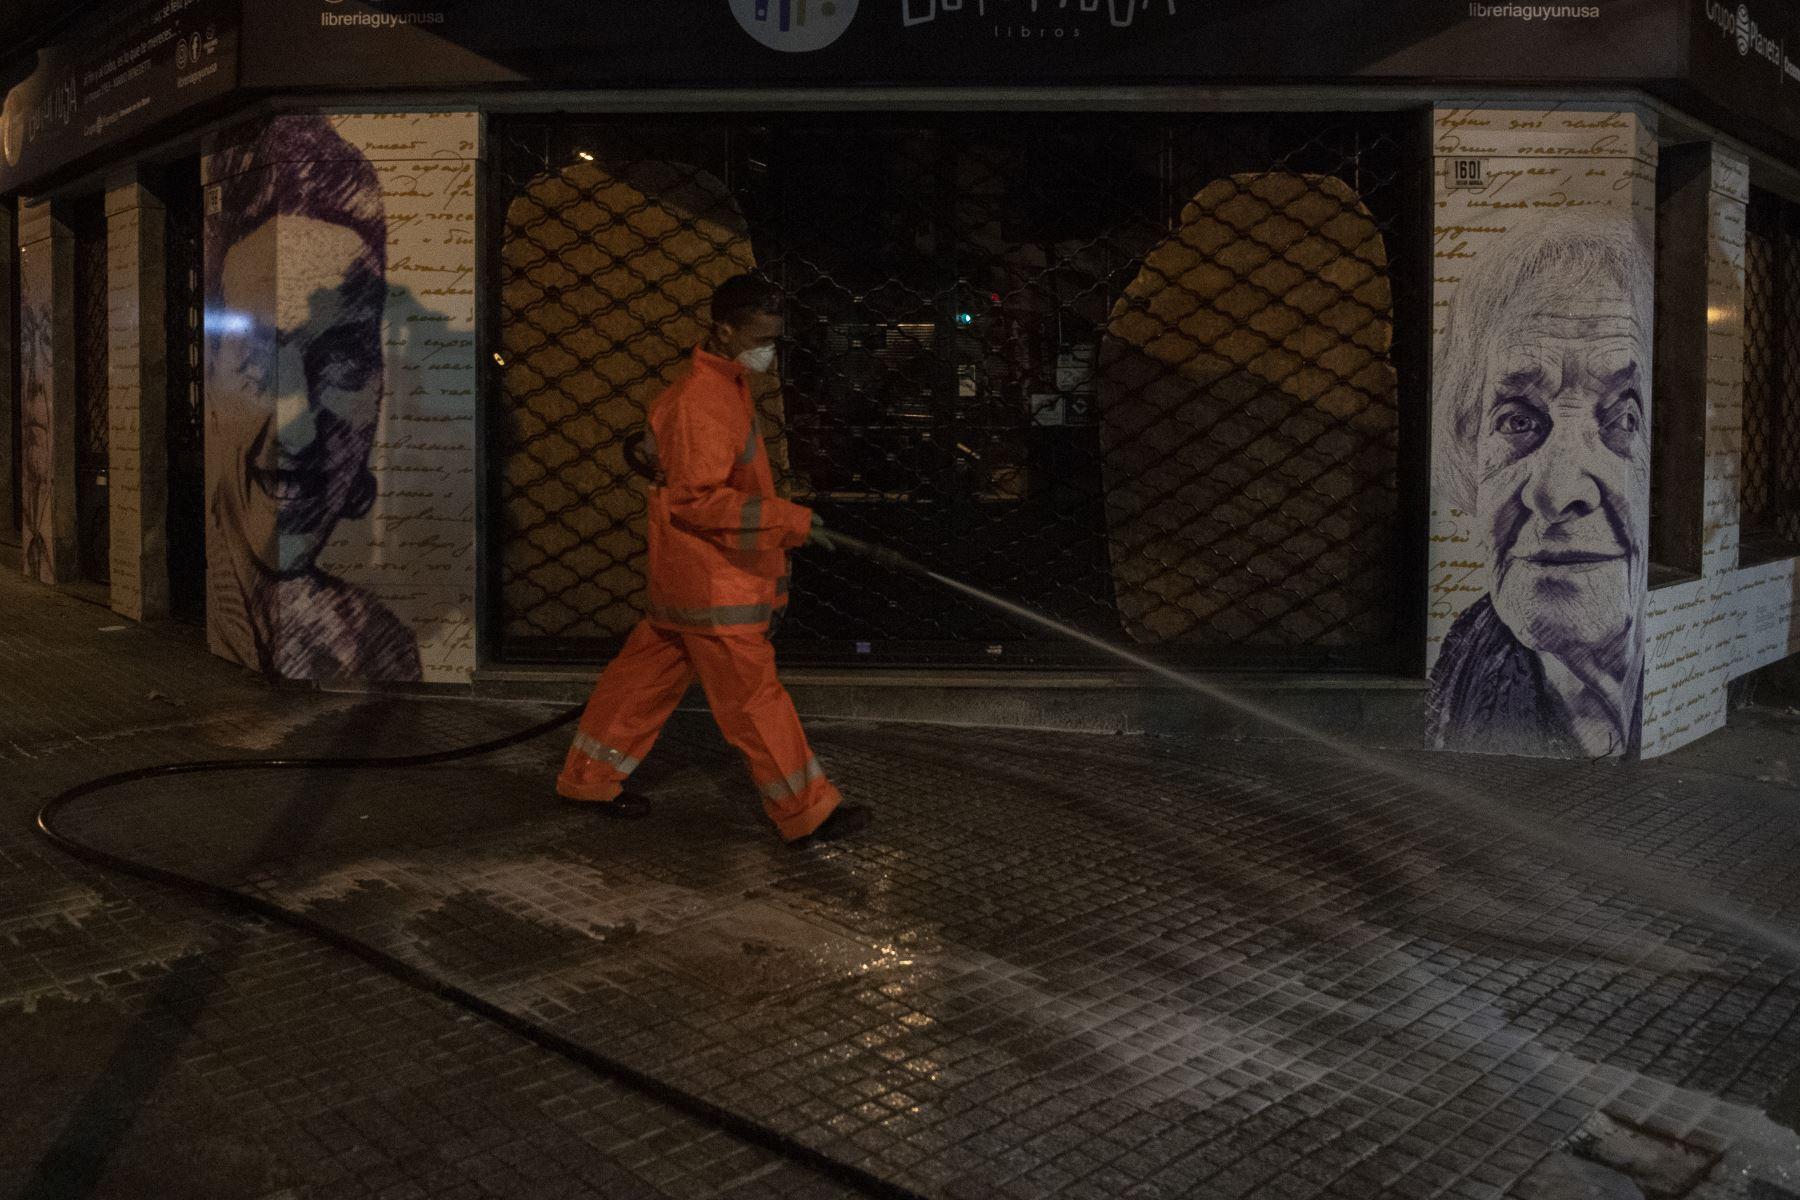 Un trabajador del municipio desinfecta la calle Tristan Narvaja contra la propagación del nuevo coronavirus en Montevideo. Foto: AFP